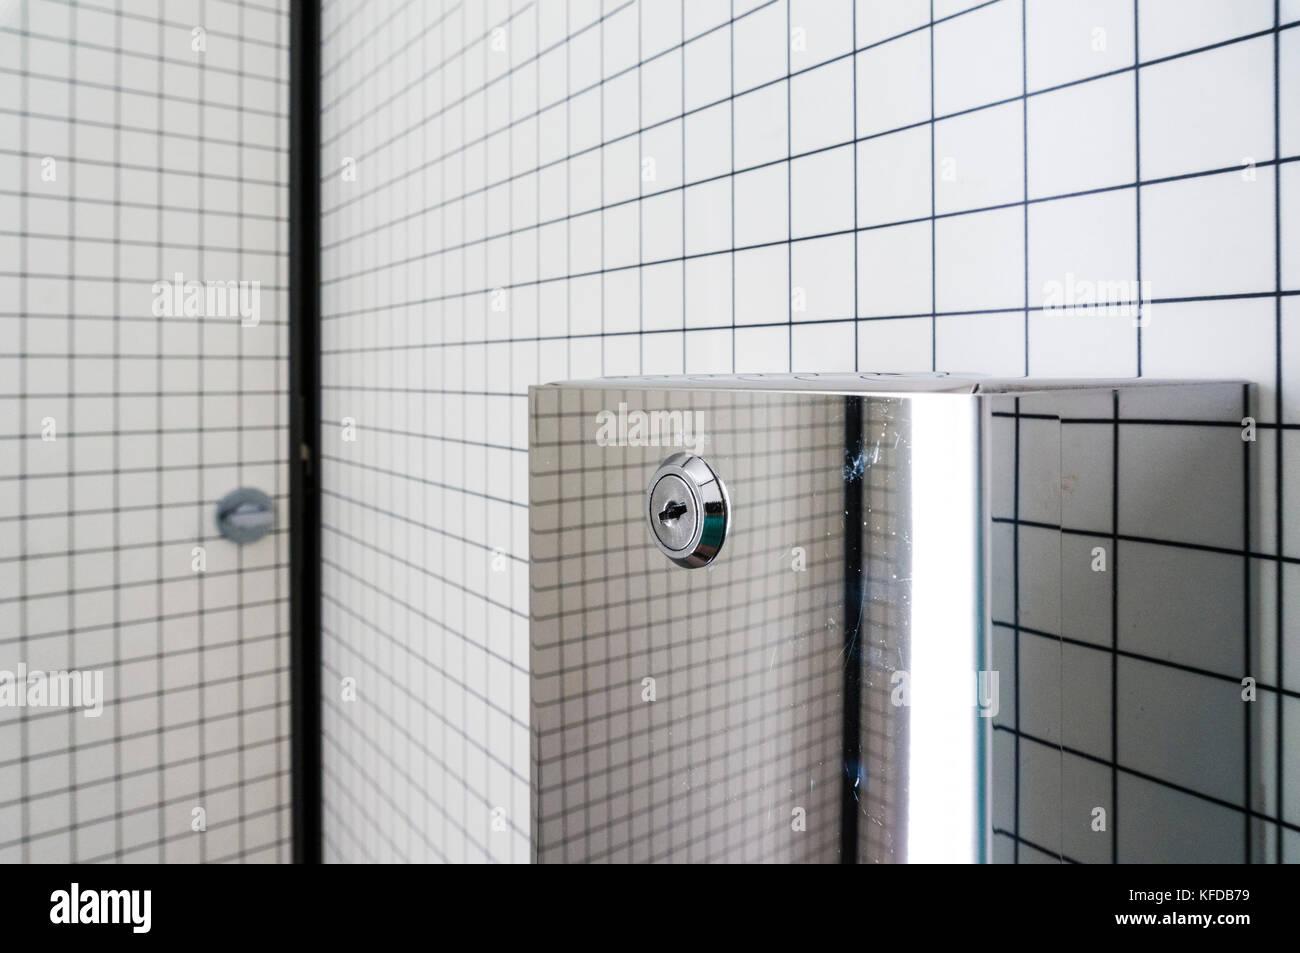 Schwarze Und Weiße Badezimmer Inneren Weißen Kacheln Schwarze Fugen - Weiße fliesen schwarze fugen